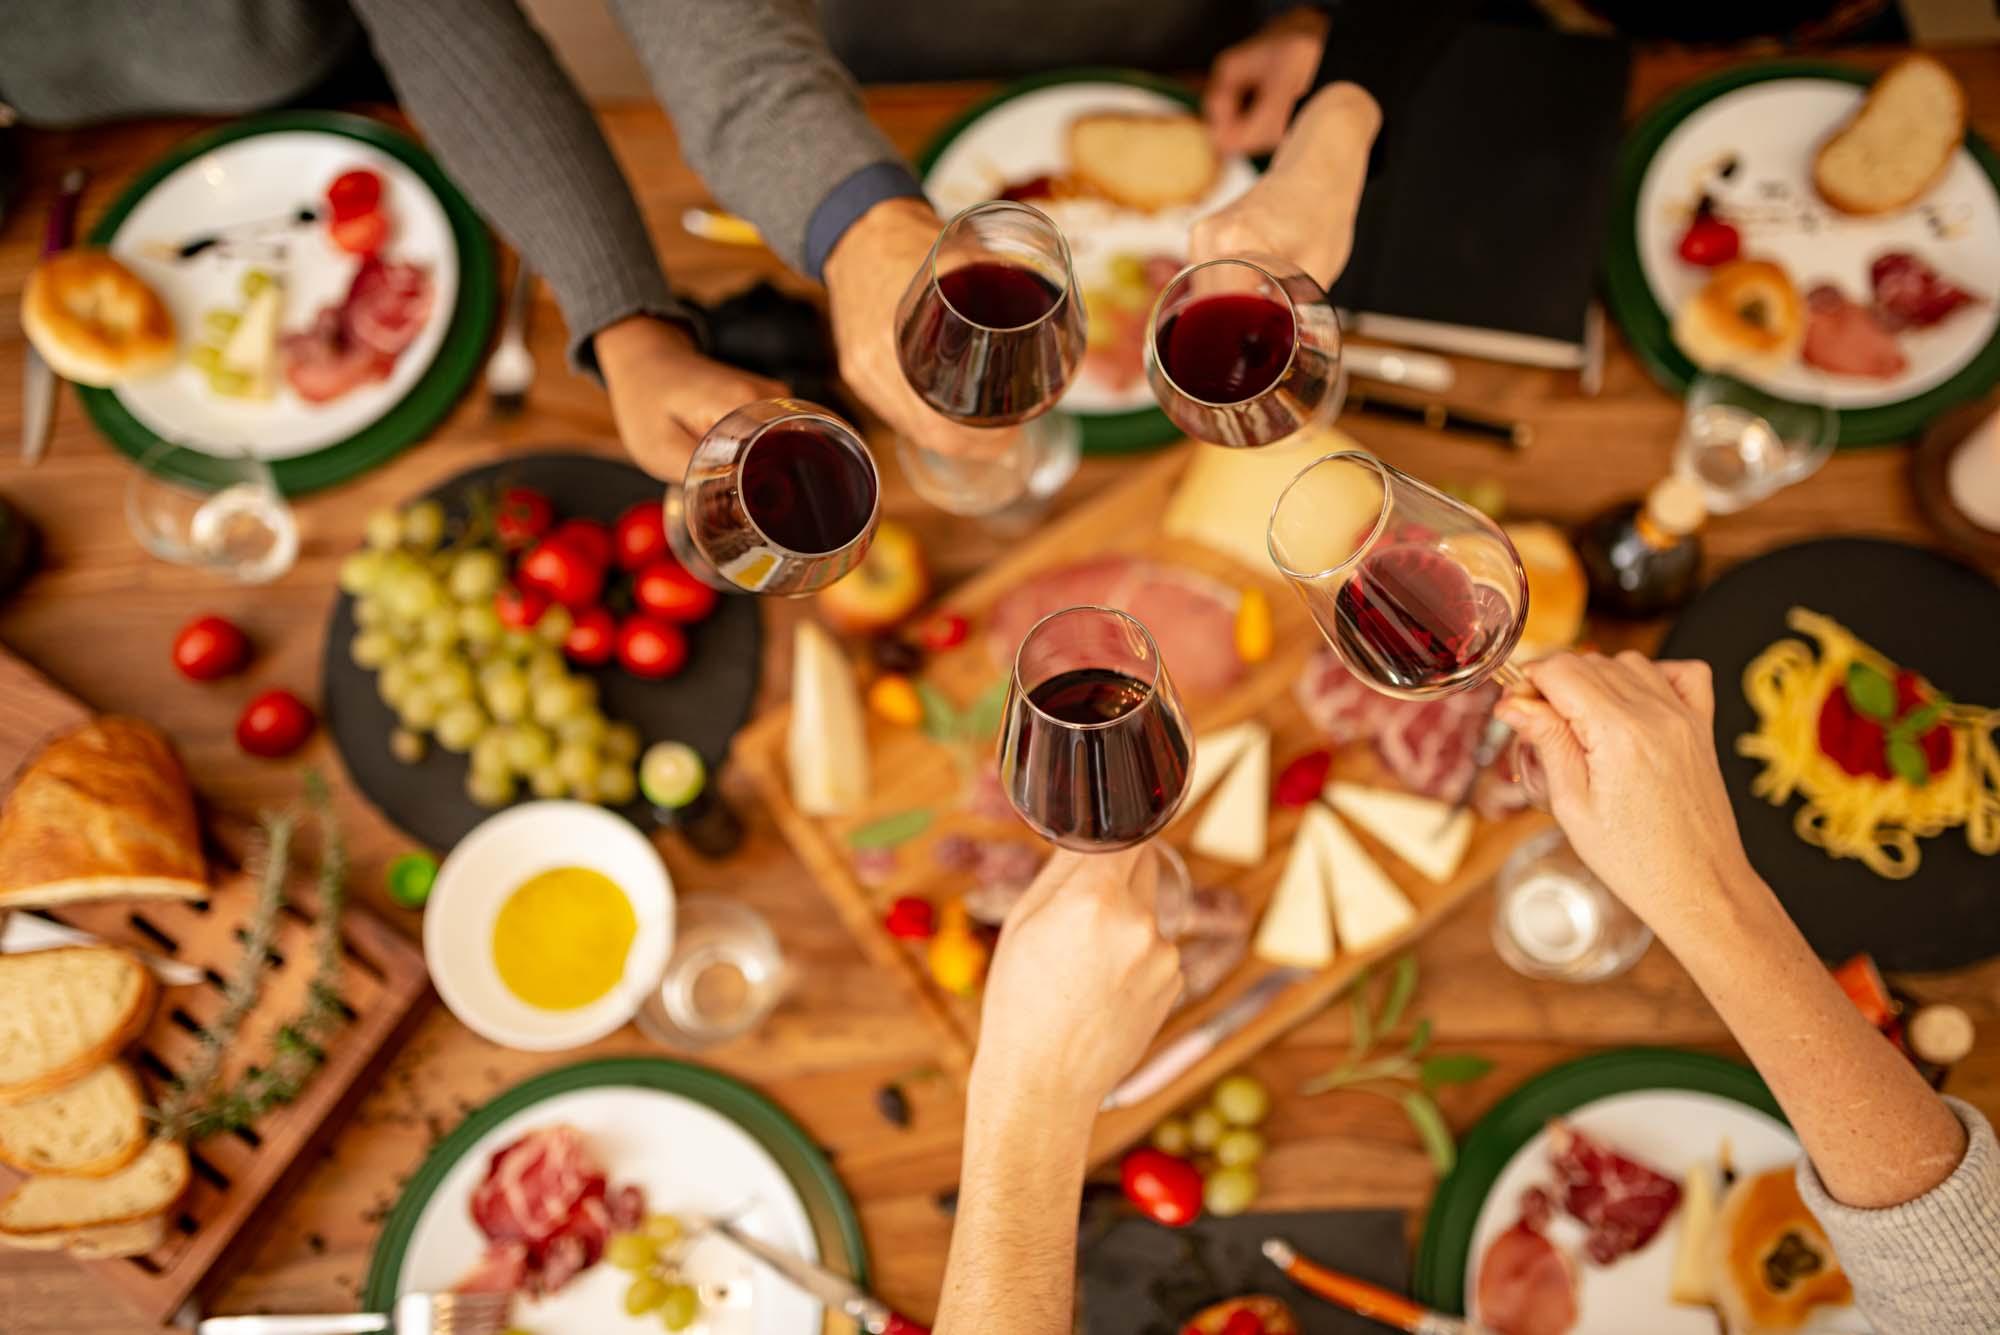 Corsi Di Cucina Formazione Manageriale a Palermo